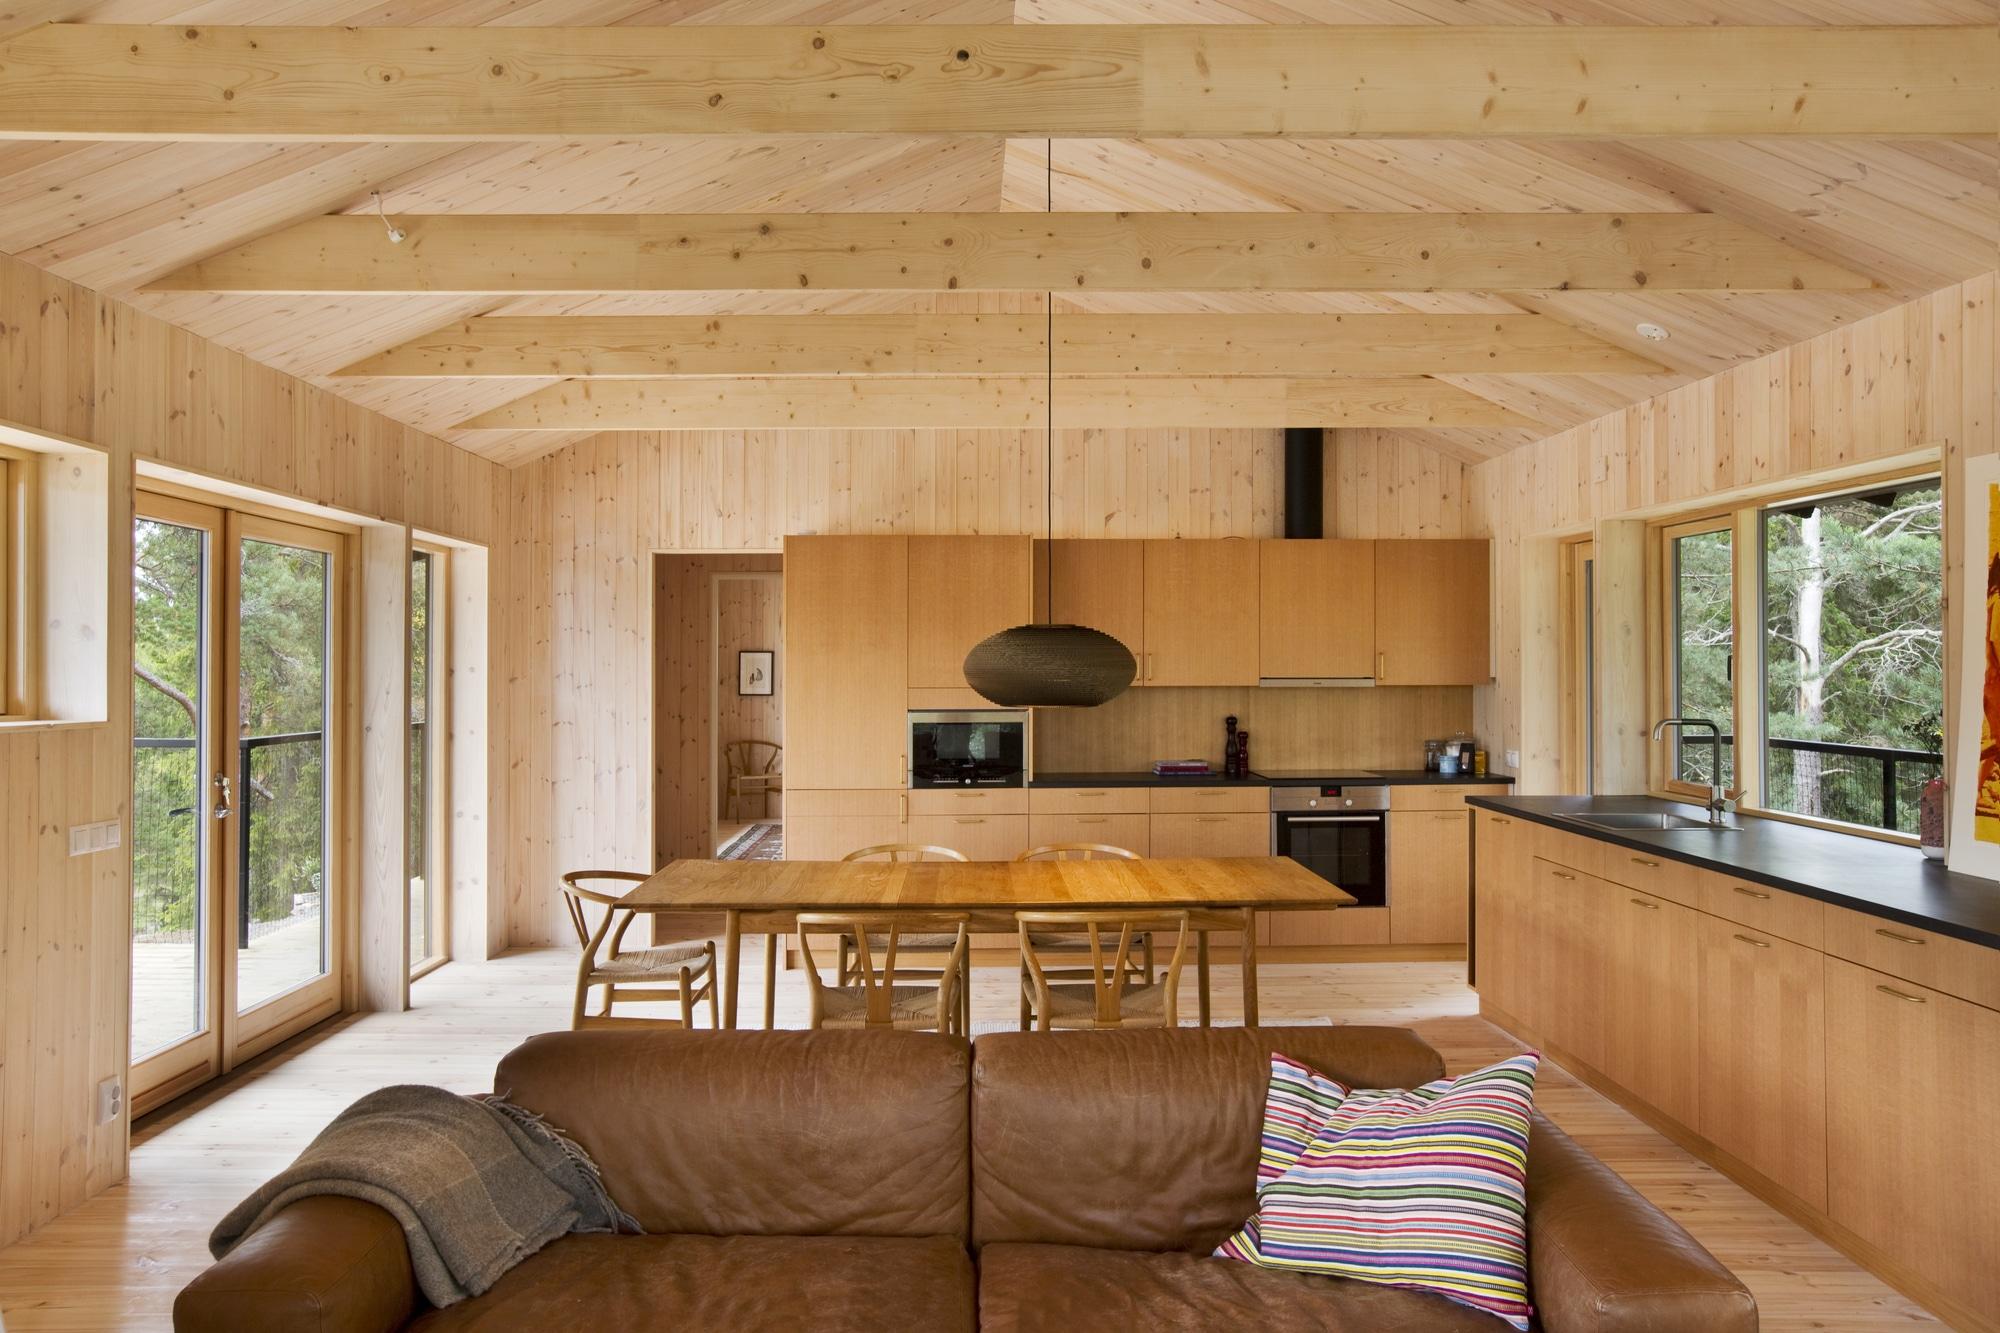 Dise o de casa peque a de madera fachada planos interior construye hogar - Casas de madera decoracion ...